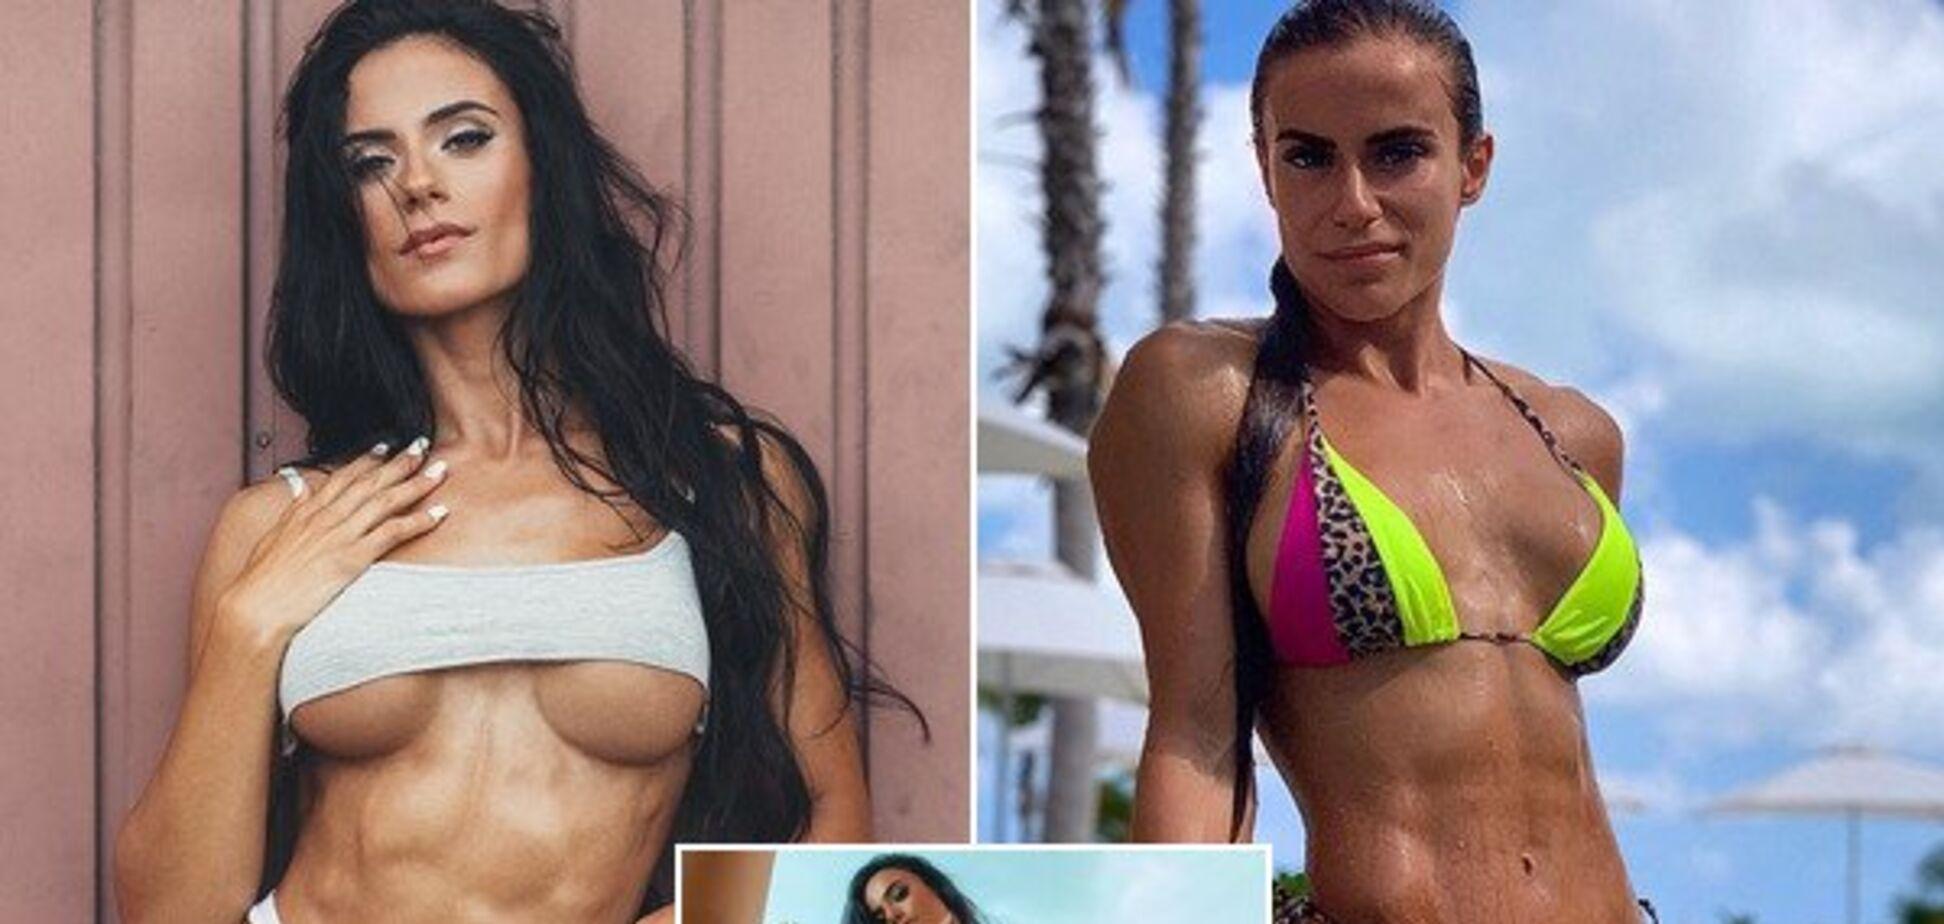 Известная фитнес-модель снялась обнаженной, показав идеальное тело